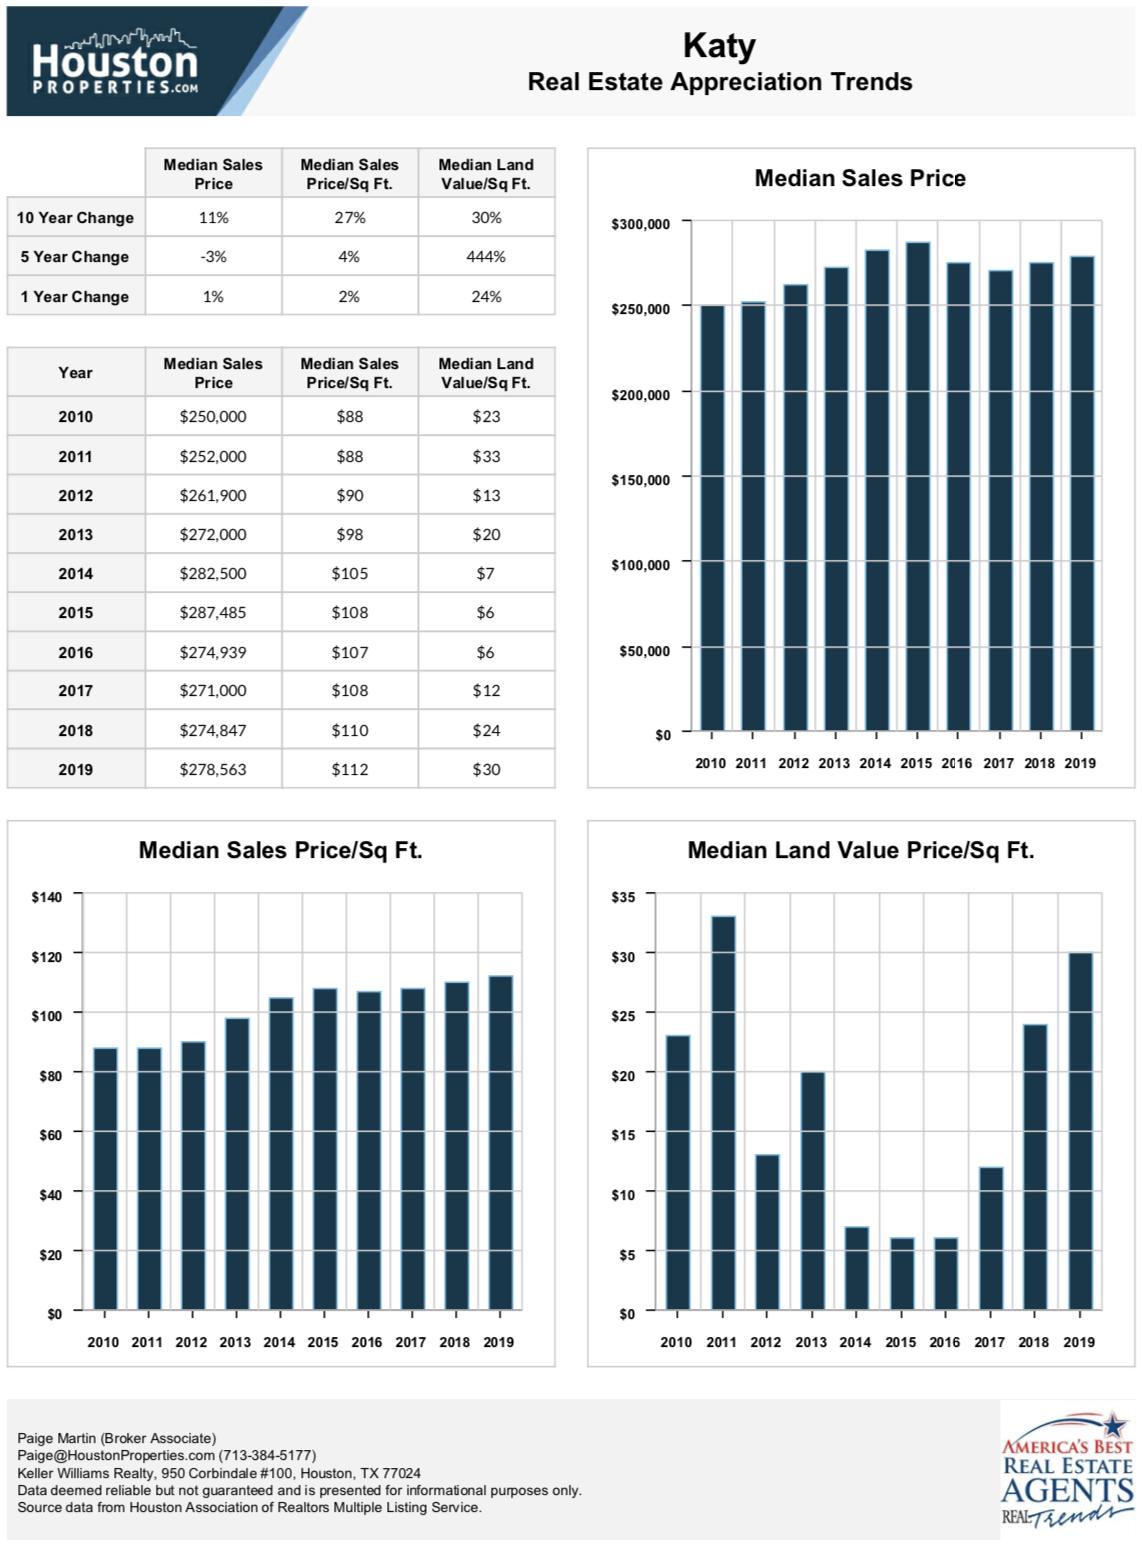 Katy 10 Year Real Estate Appreciation Rates